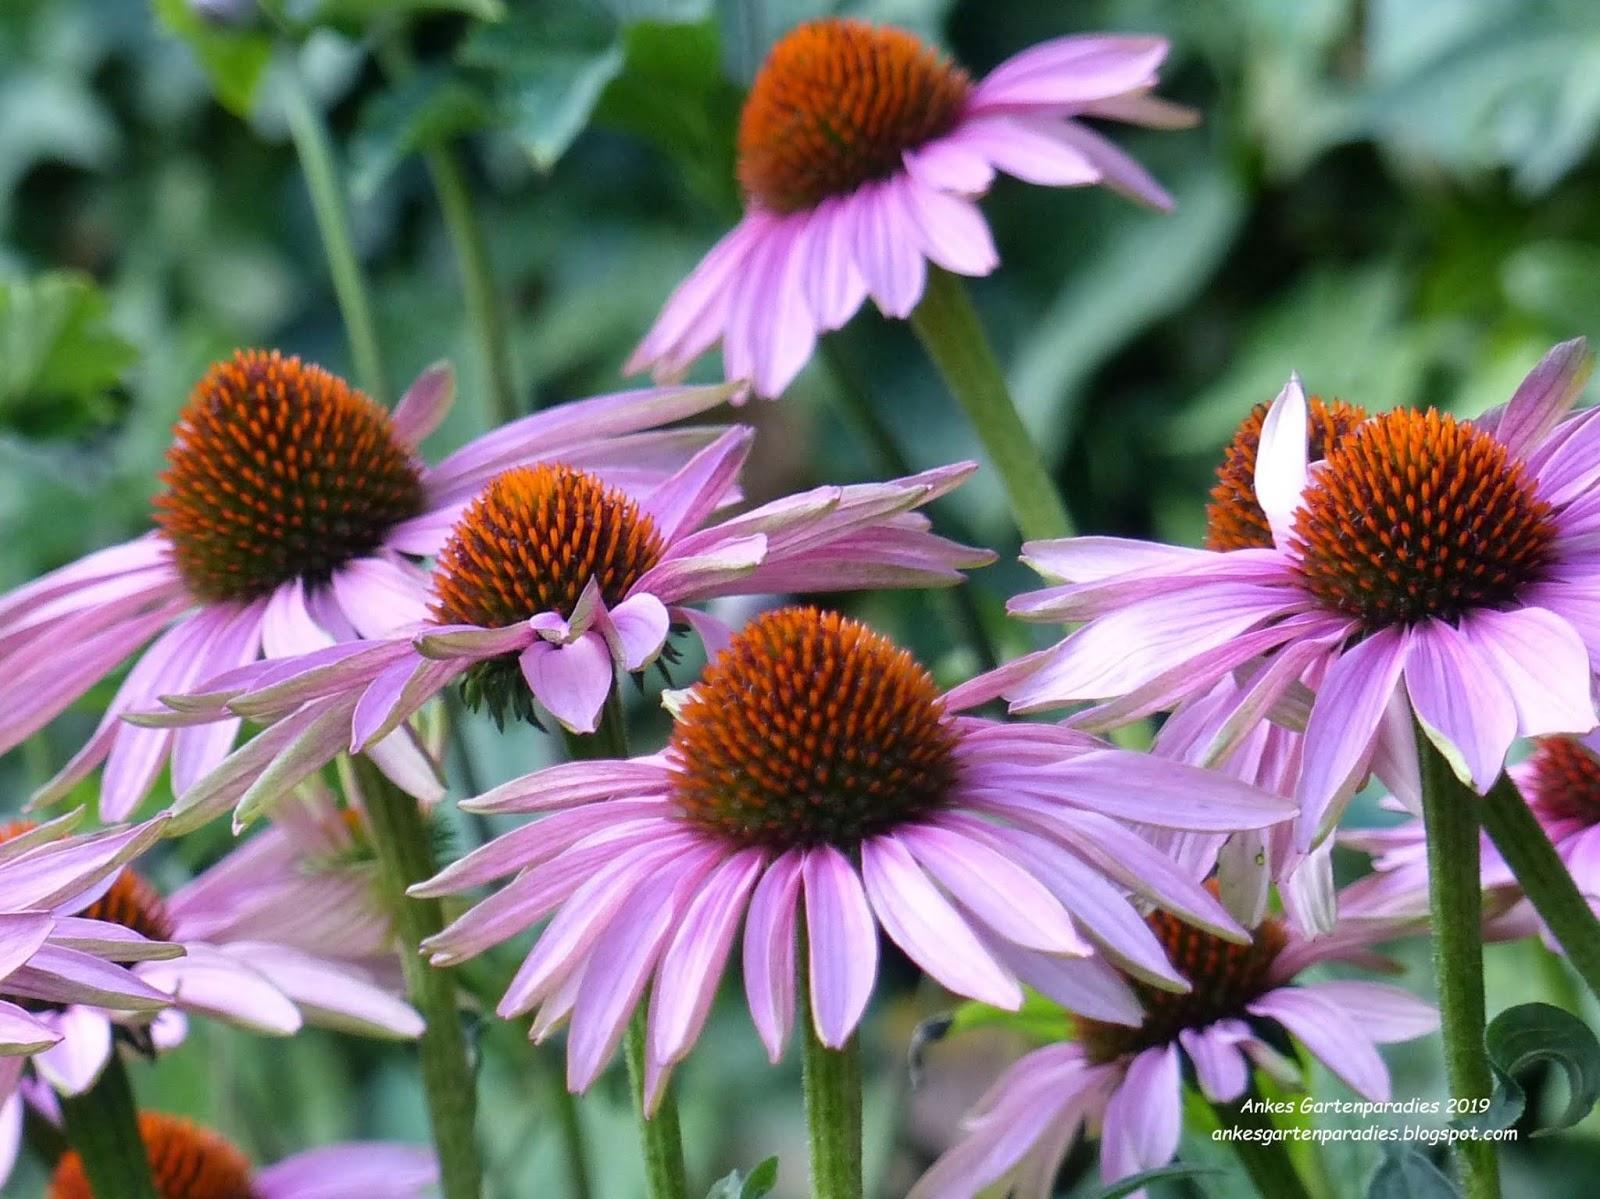 eine wunderschöne Blume Sonnenhut bzw Echinacea